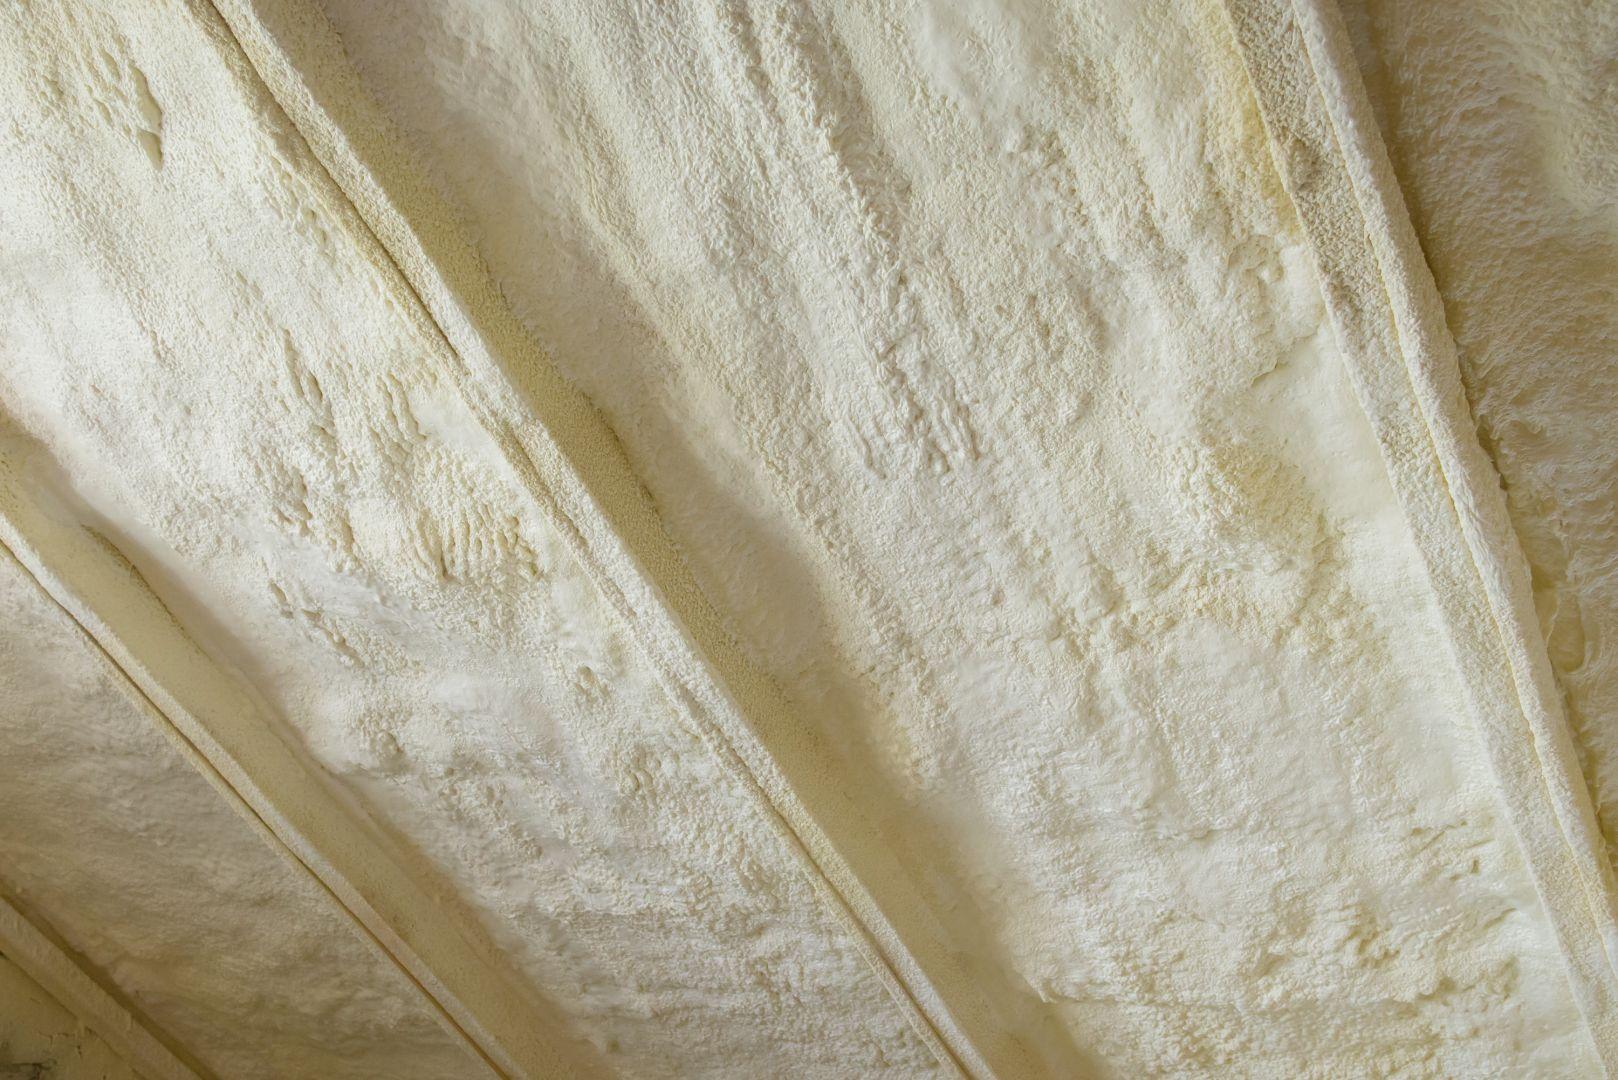 polyureathane spray foam insulation between studs